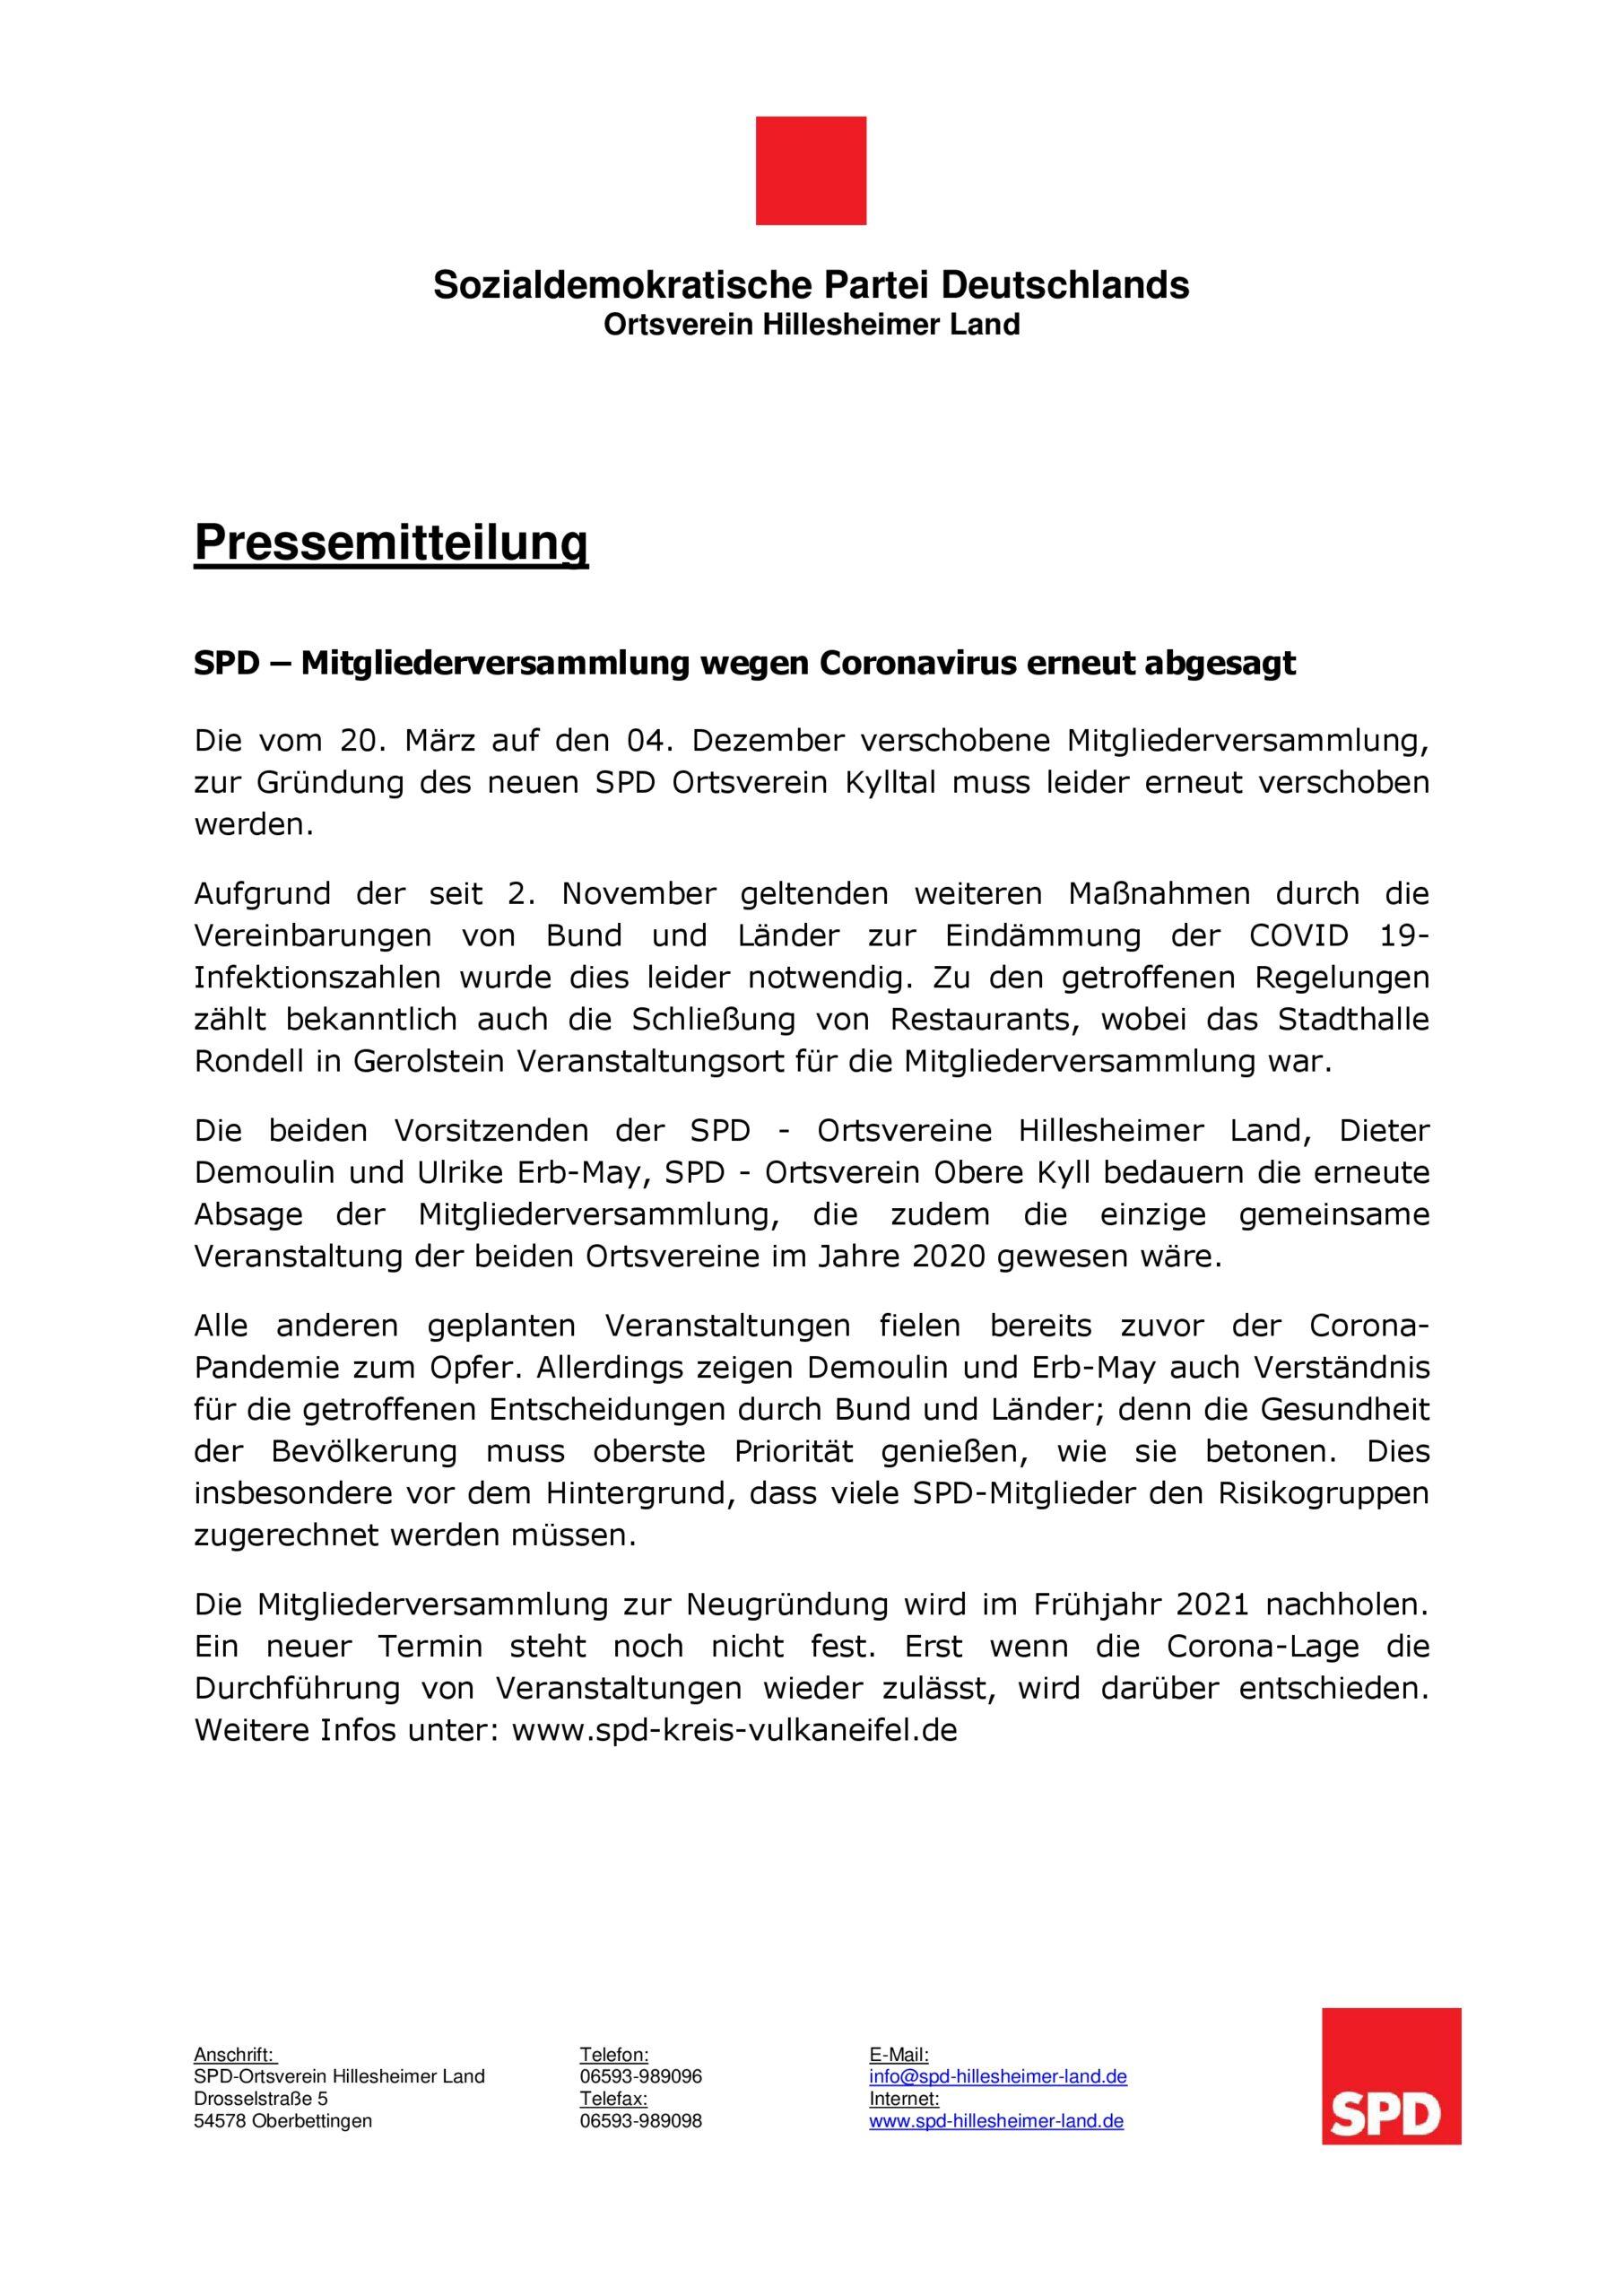 SPD – Mitgliederversammlung wegen Coronavirus erneut abgesagt